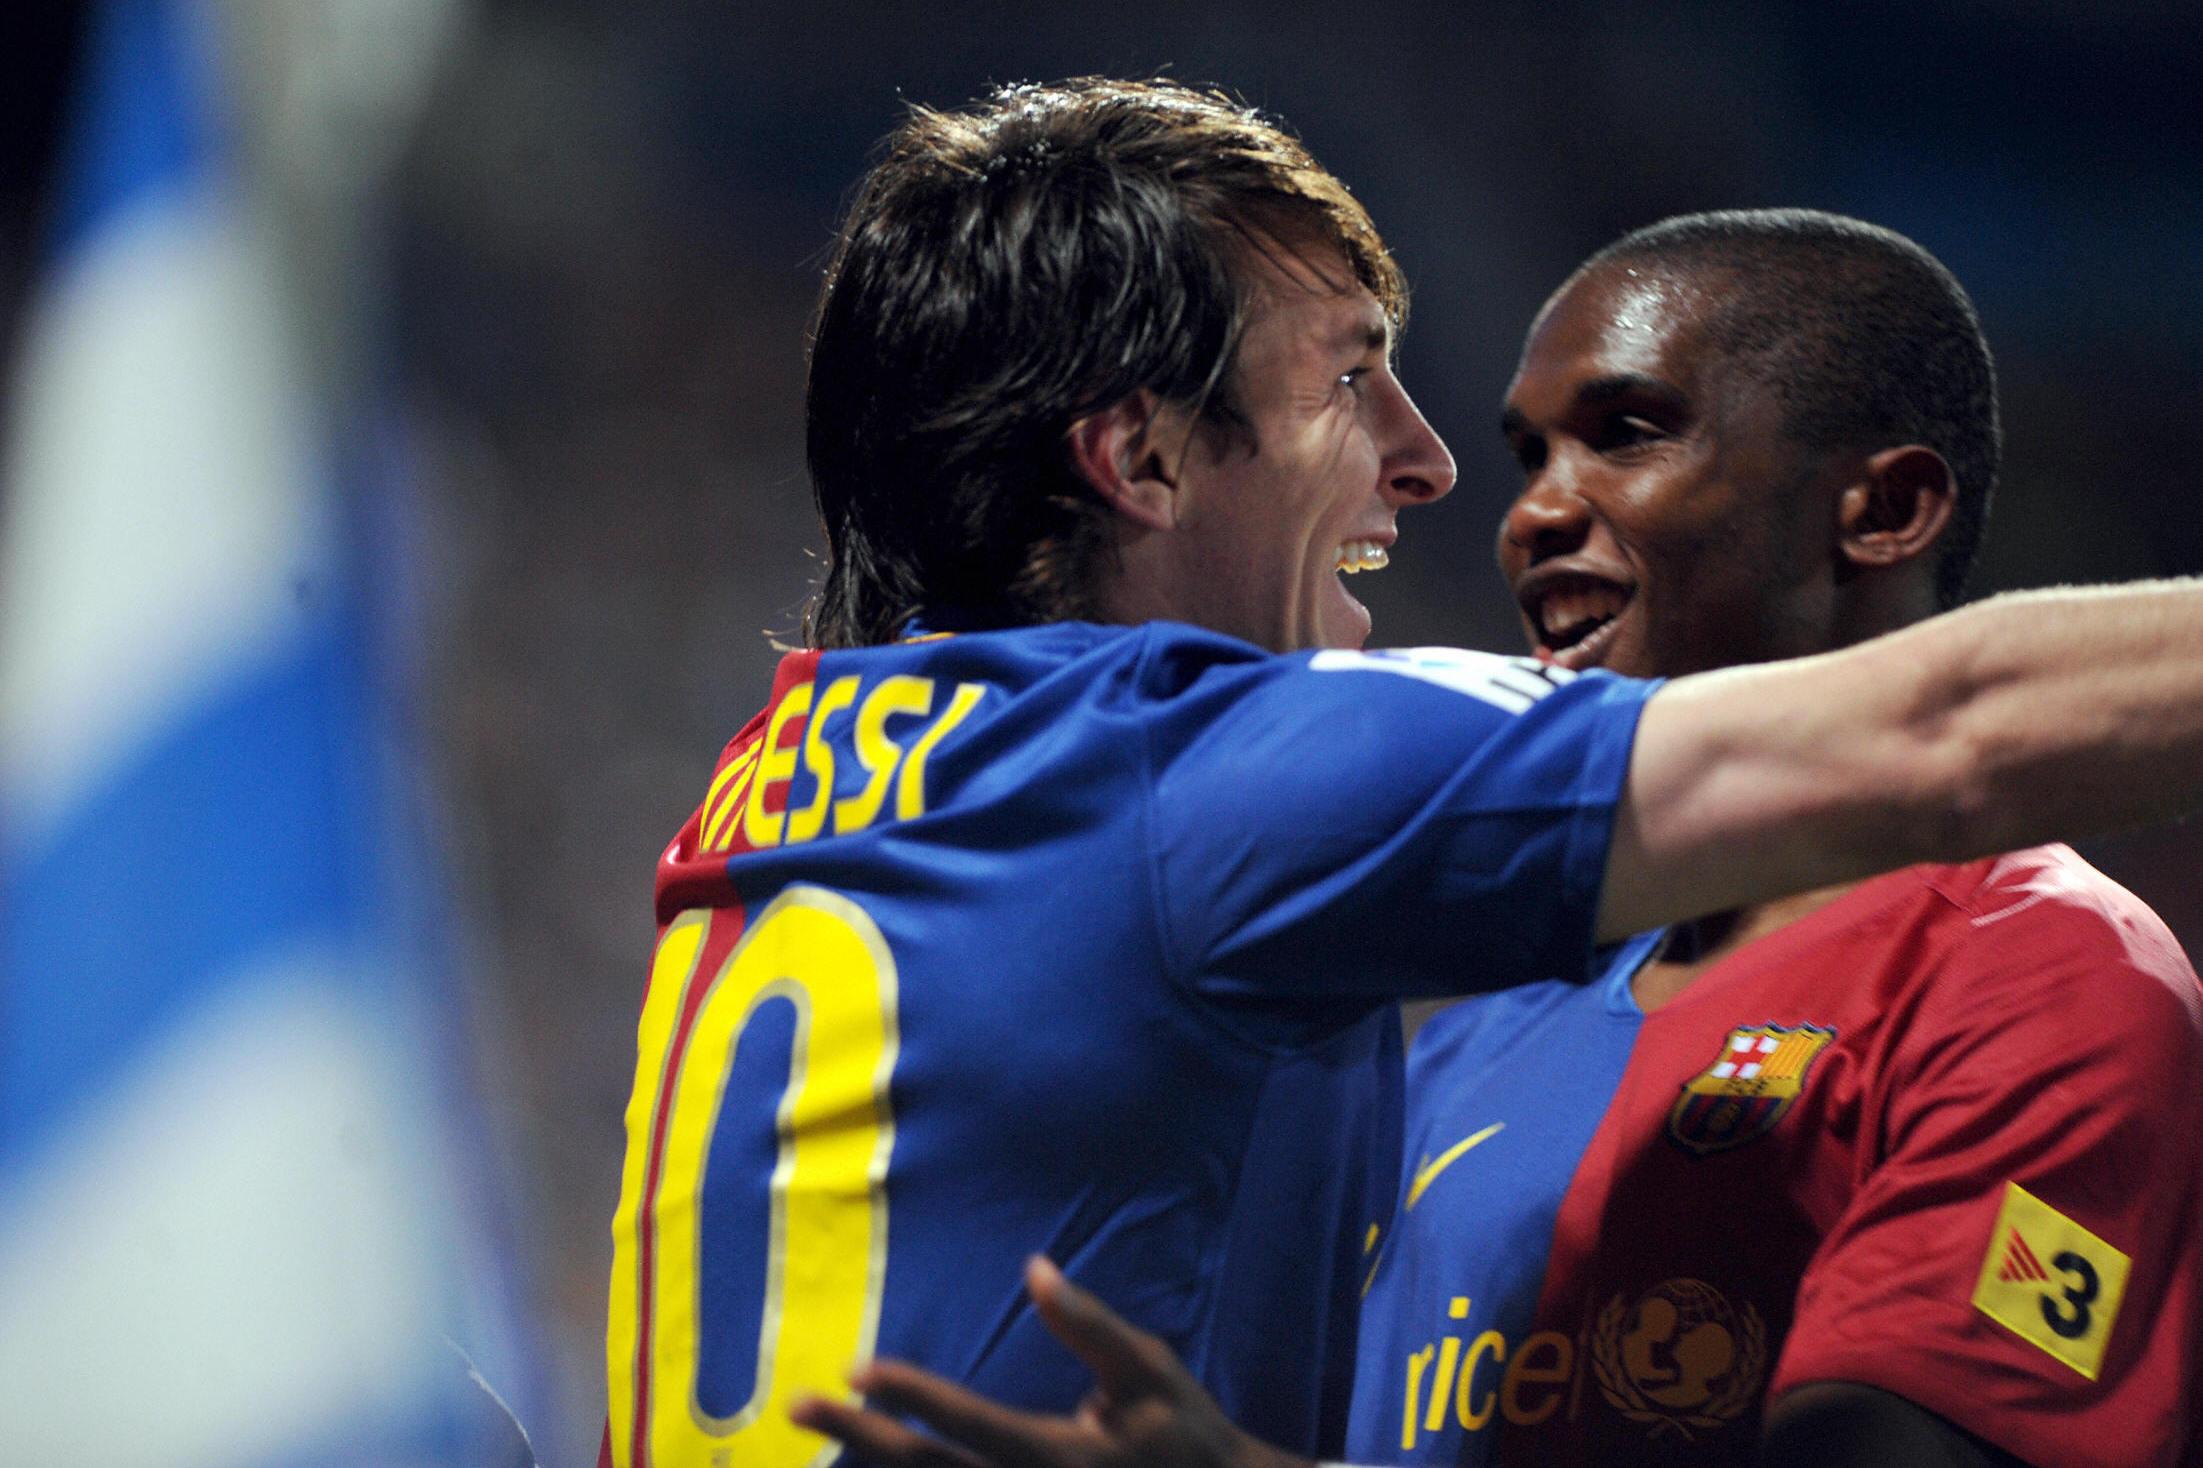 """Messi ilə bağlı suala sərt reaksiya verdi: """"Messi mənimlə oynayıb, mən onunla yox"""""""